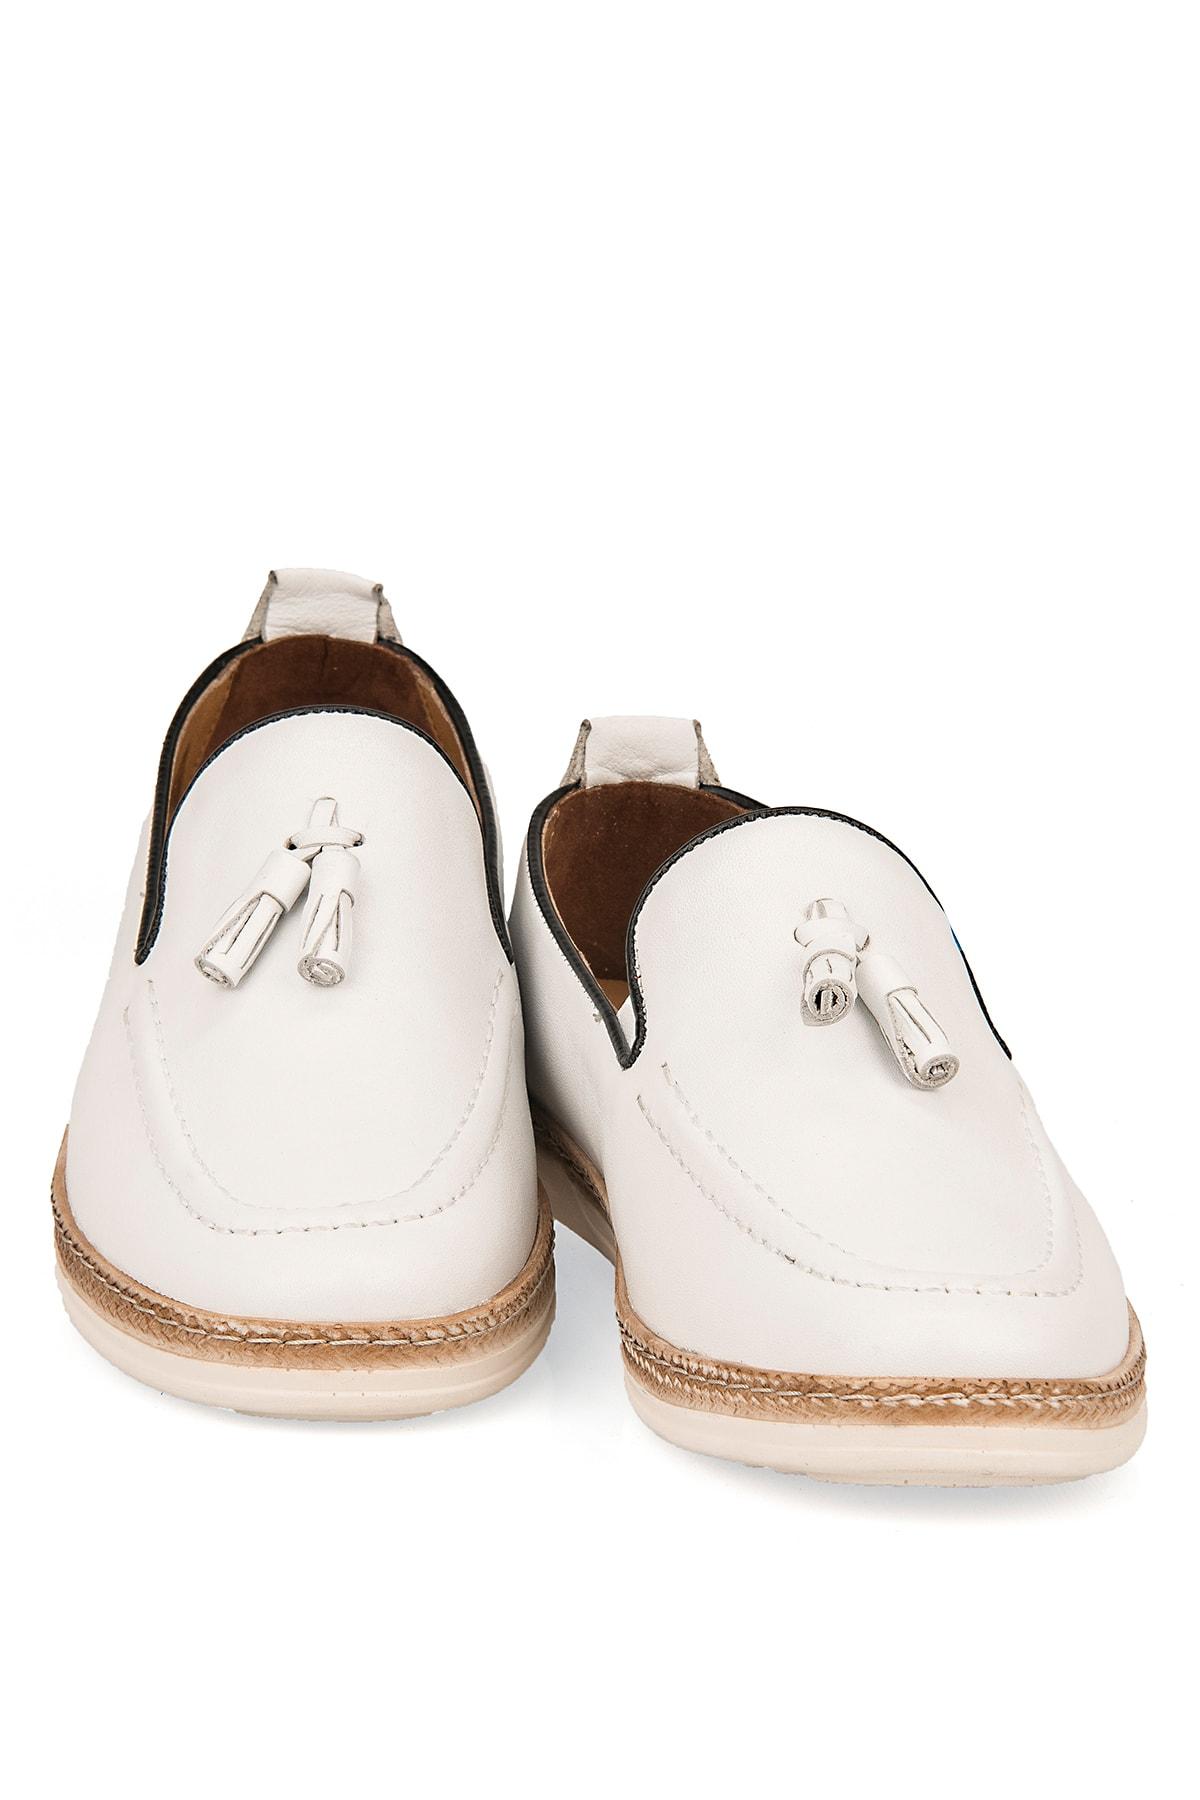 Ziya Hakiki Deri Beyaz Erkek Ayakkabı 101415 506067 2